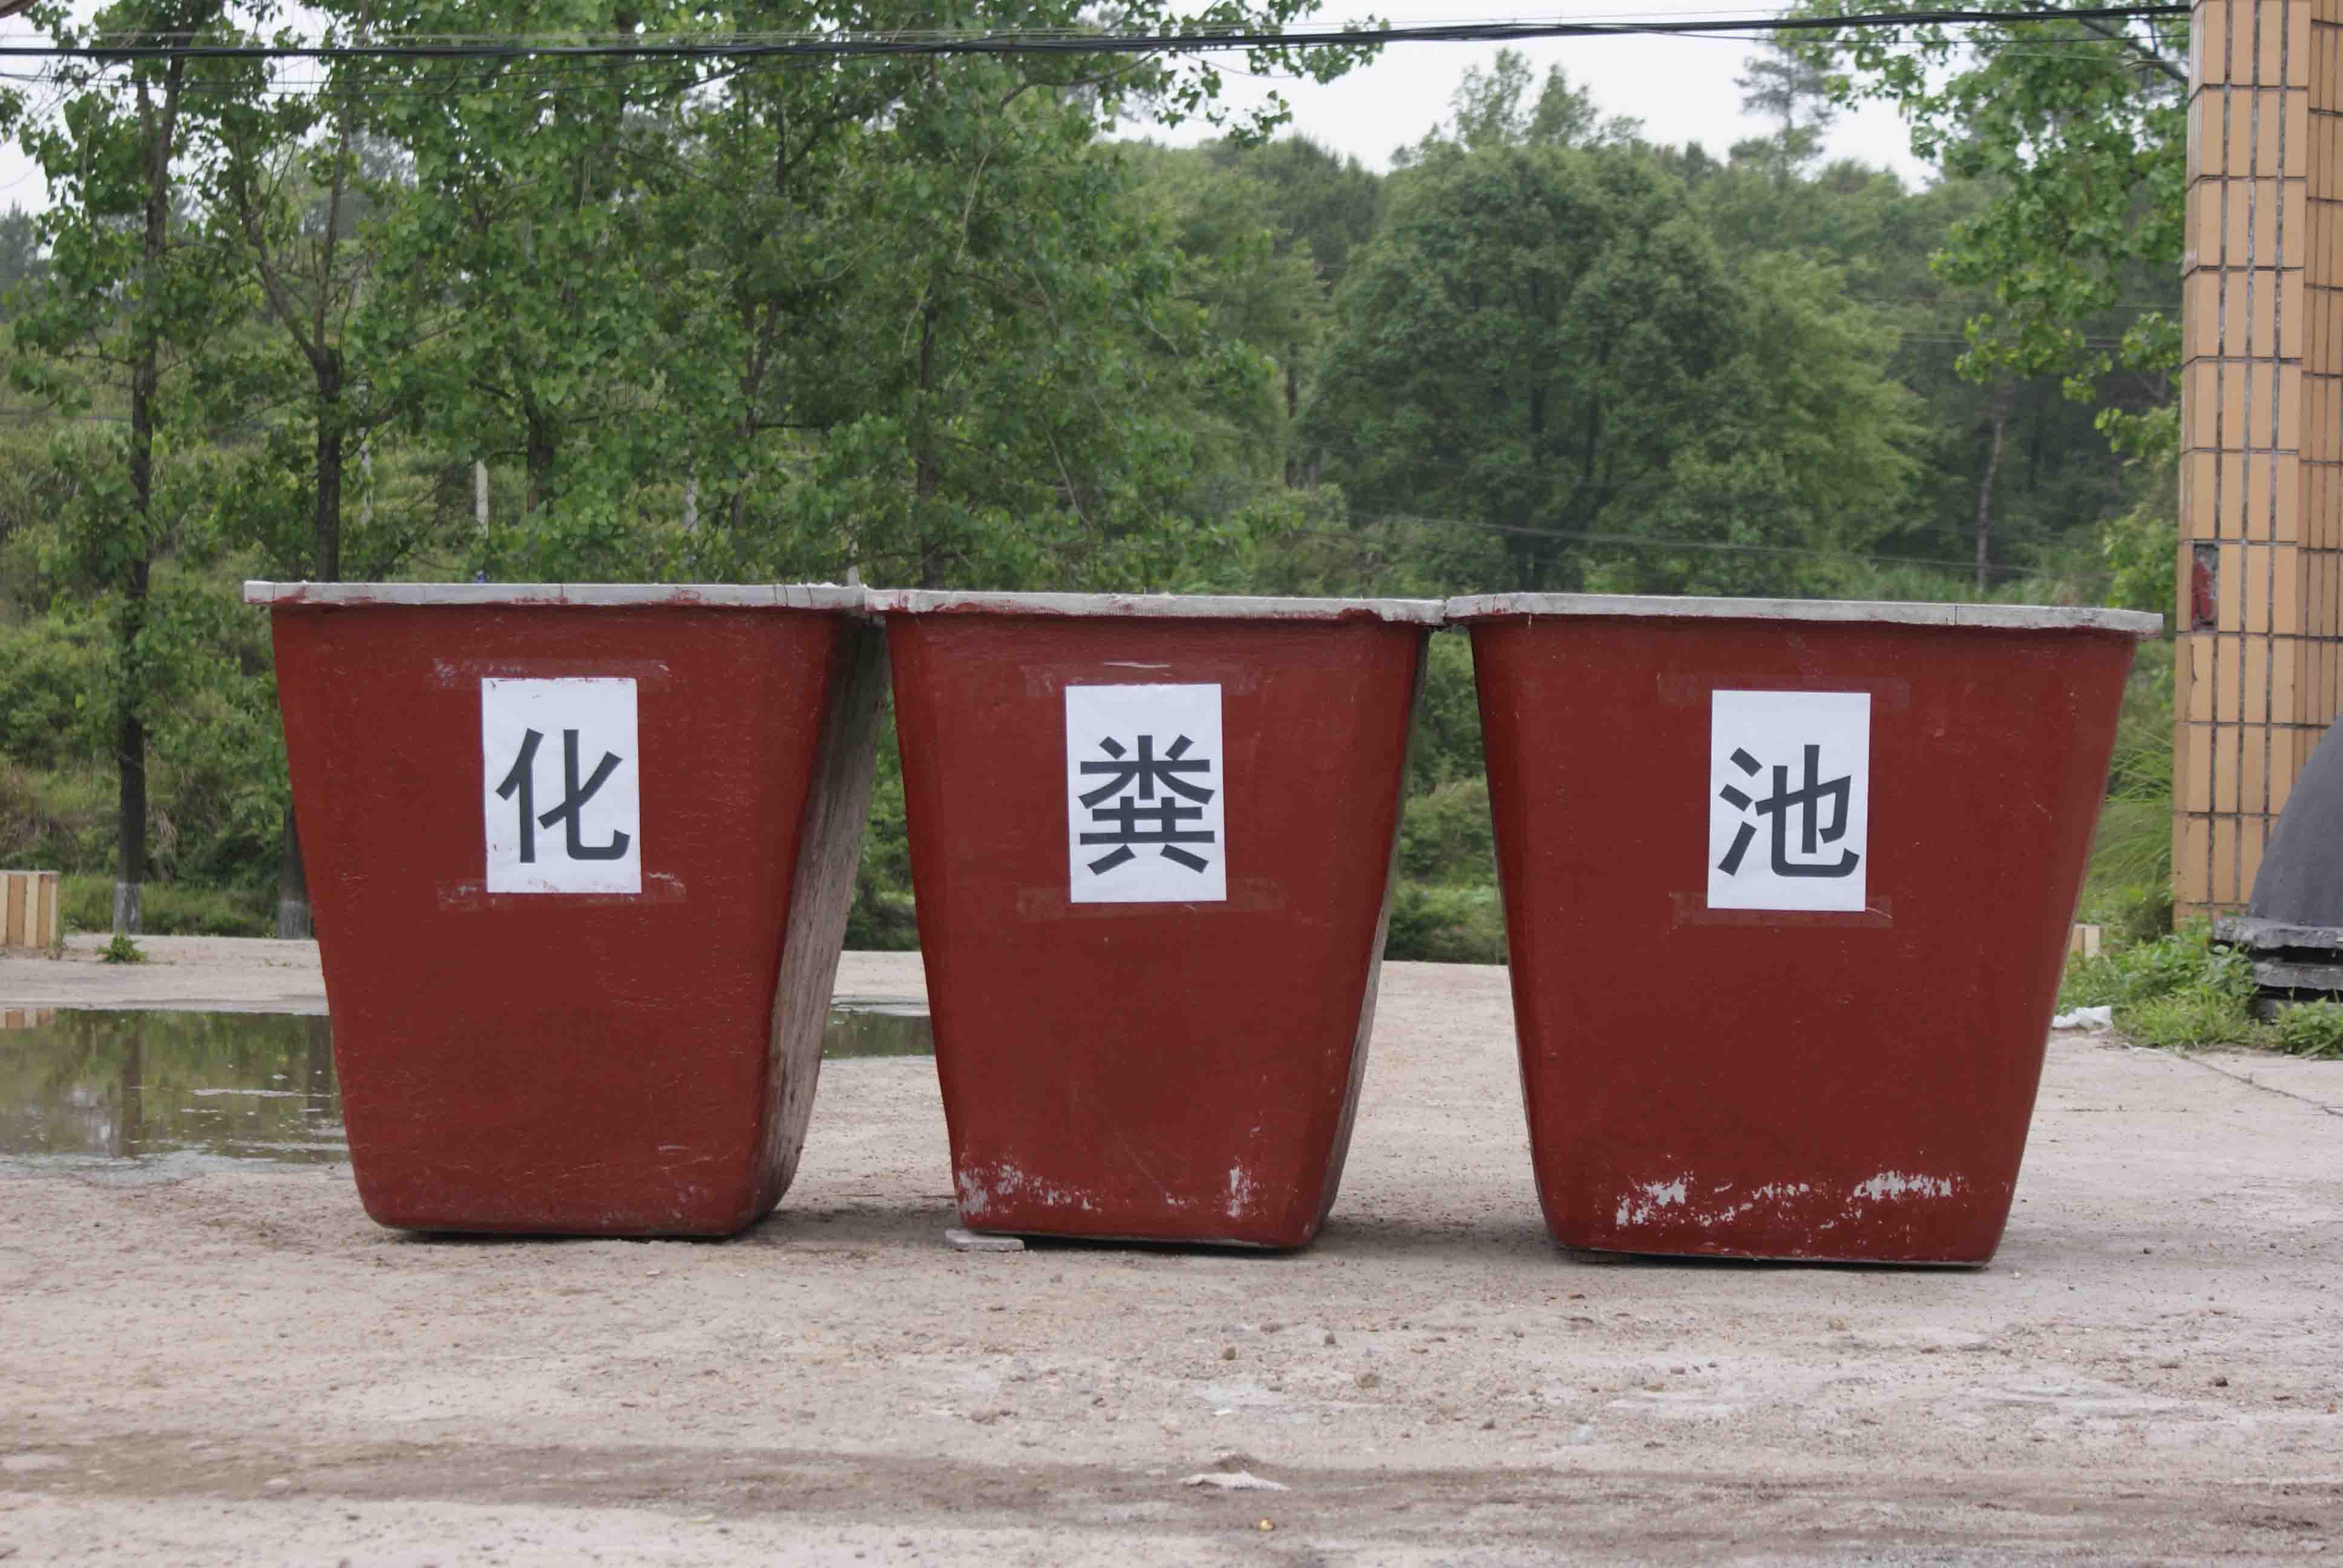 垃圾桶 垃圾箱 3872